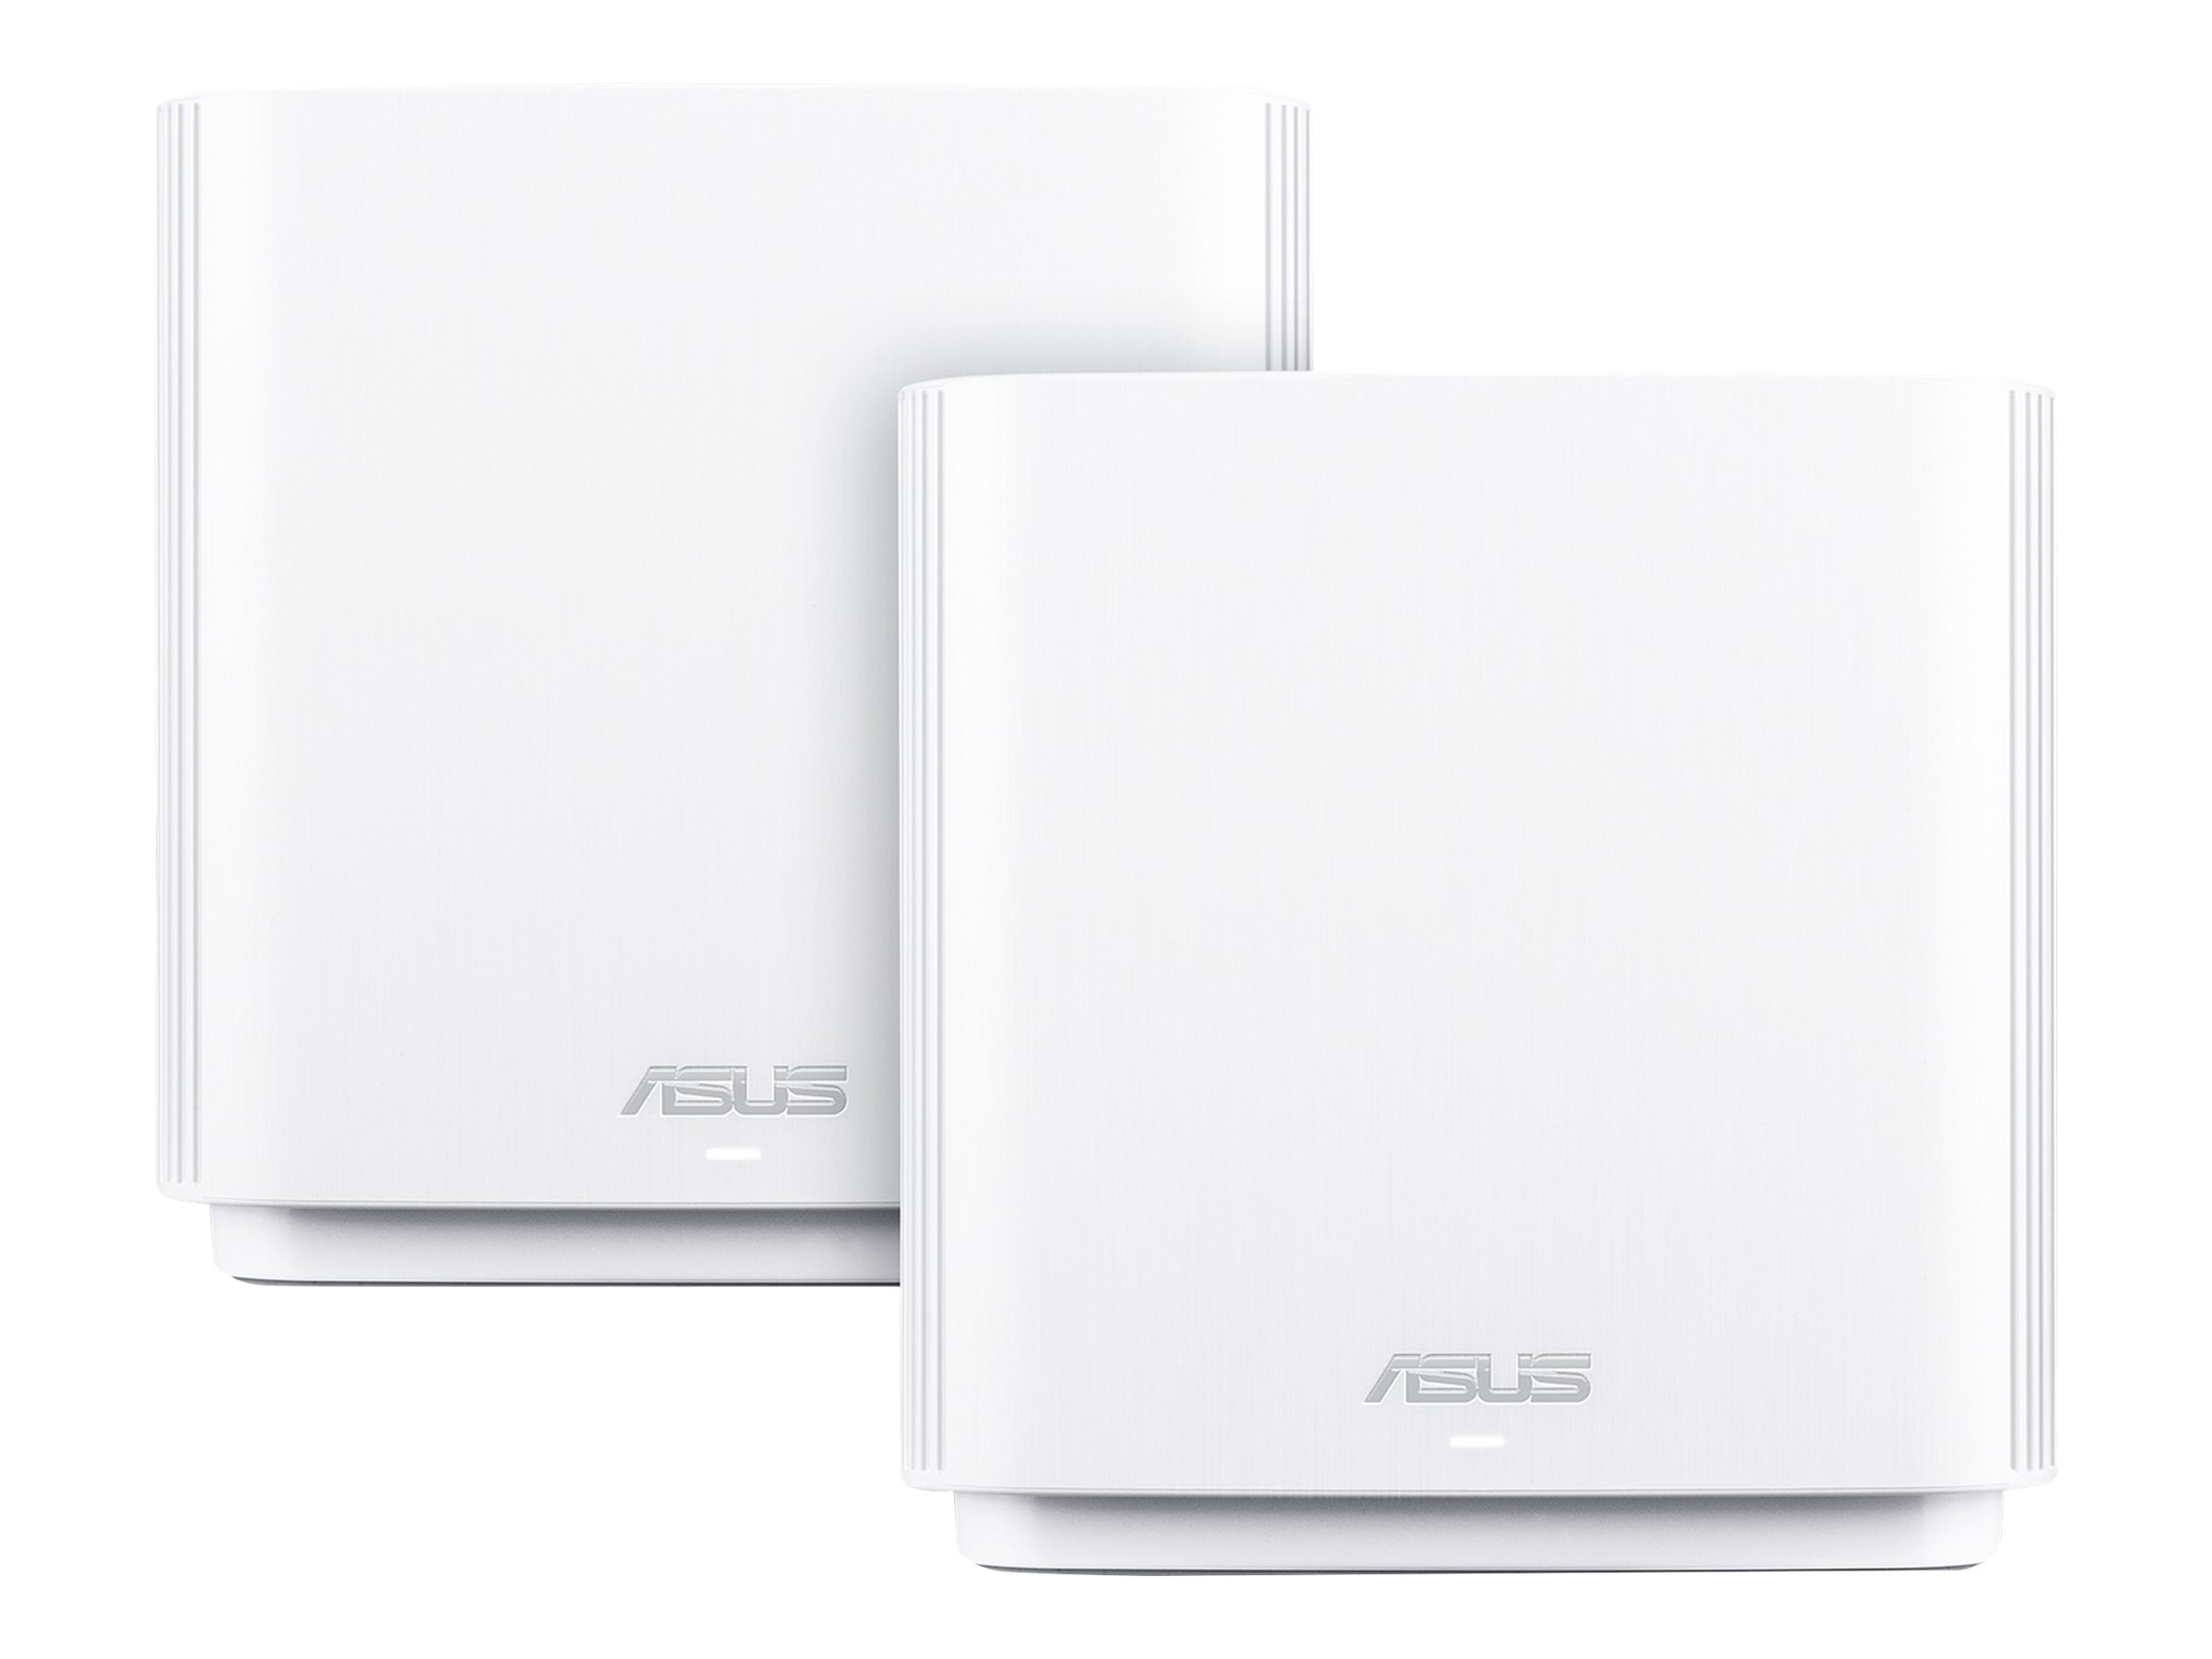 ASUS ZenWiFi AX (XT8) - WLAN-System (2 Router) - bis zu 510 m² - Netz - GigE, 2.5 GigE, 802.11ax - 802.11a/b/g/n/ac/ax